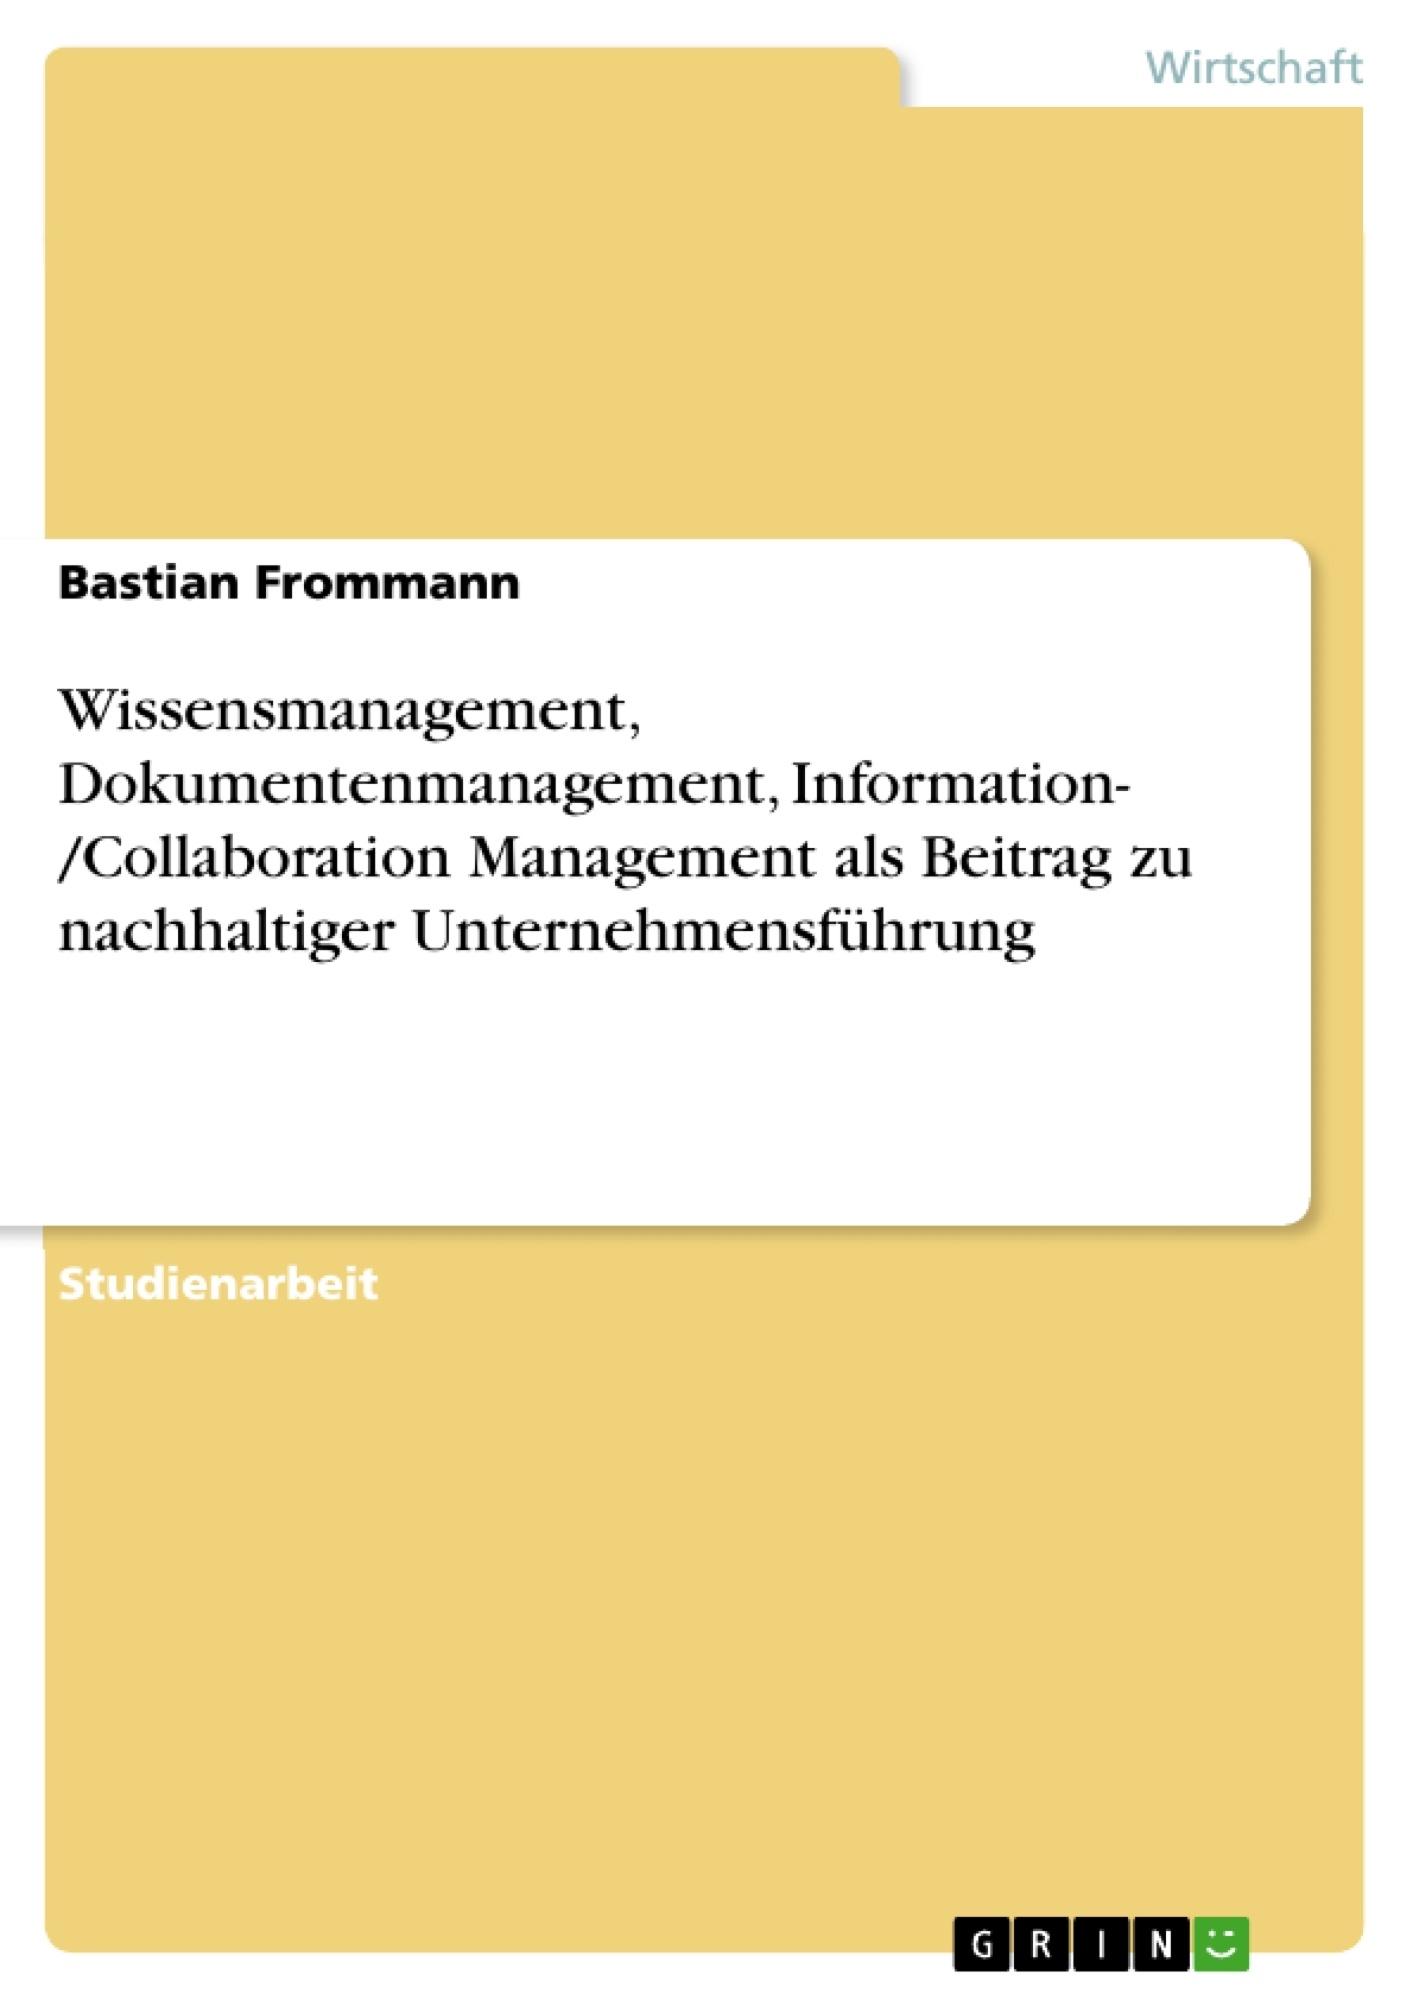 Titel: Wissensmanagement, Dokumentenmanagement, Information- /Collaboration Management als Beitrag zu nachhaltiger Unternehmensführung